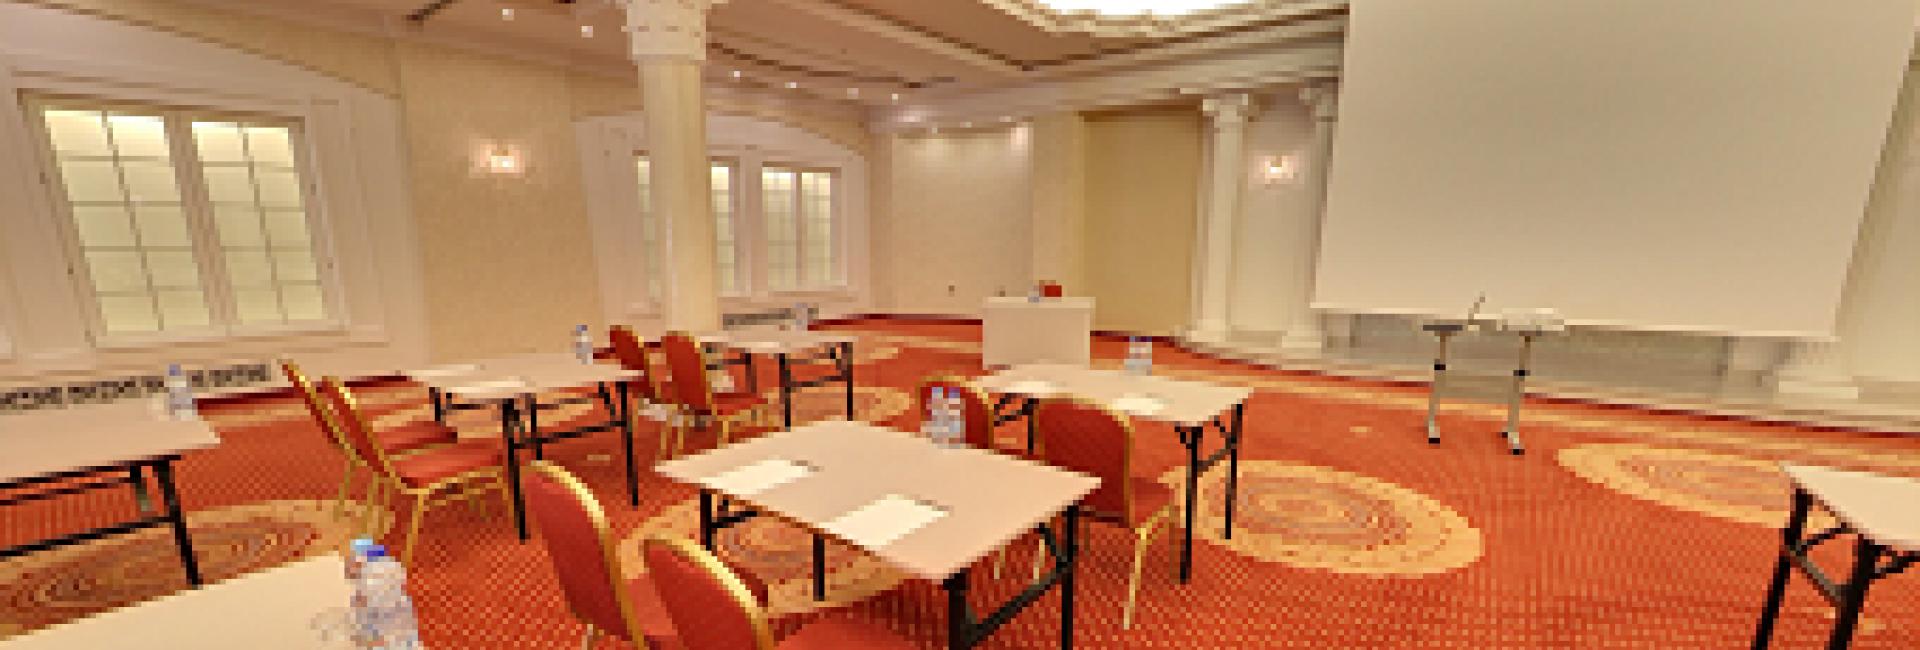 Sala konferencyjna - okolice Warszawy